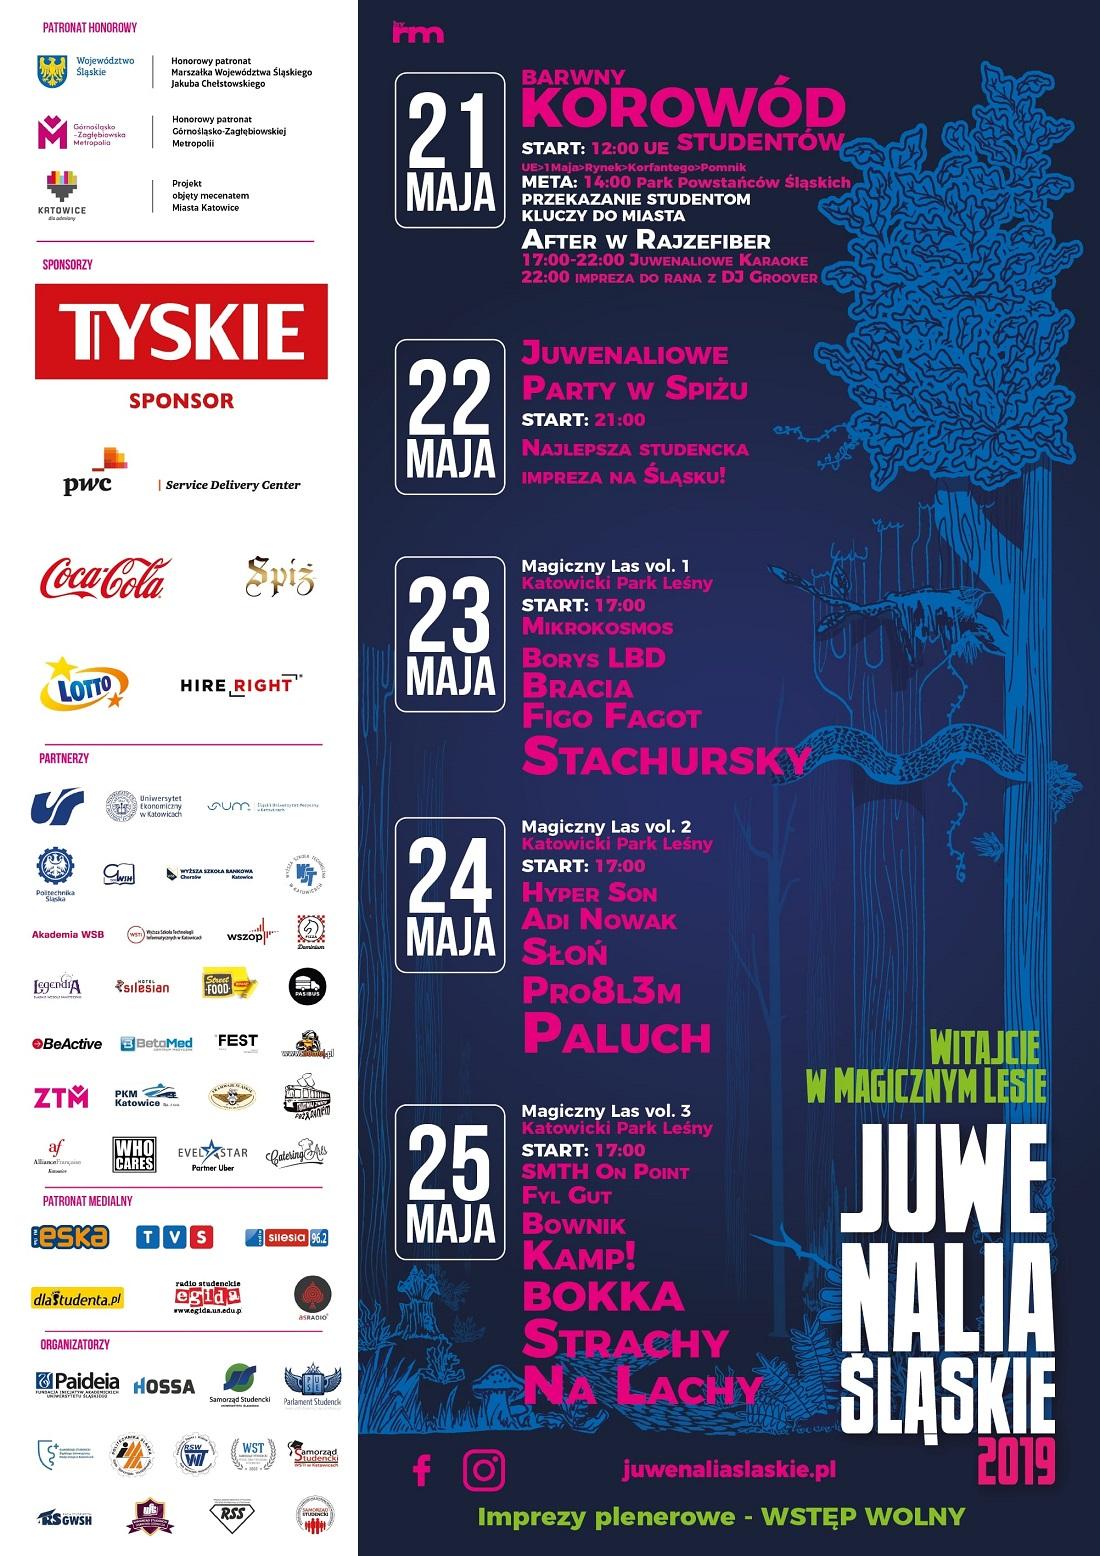 Juwenalia Śląskie 2019 plakat